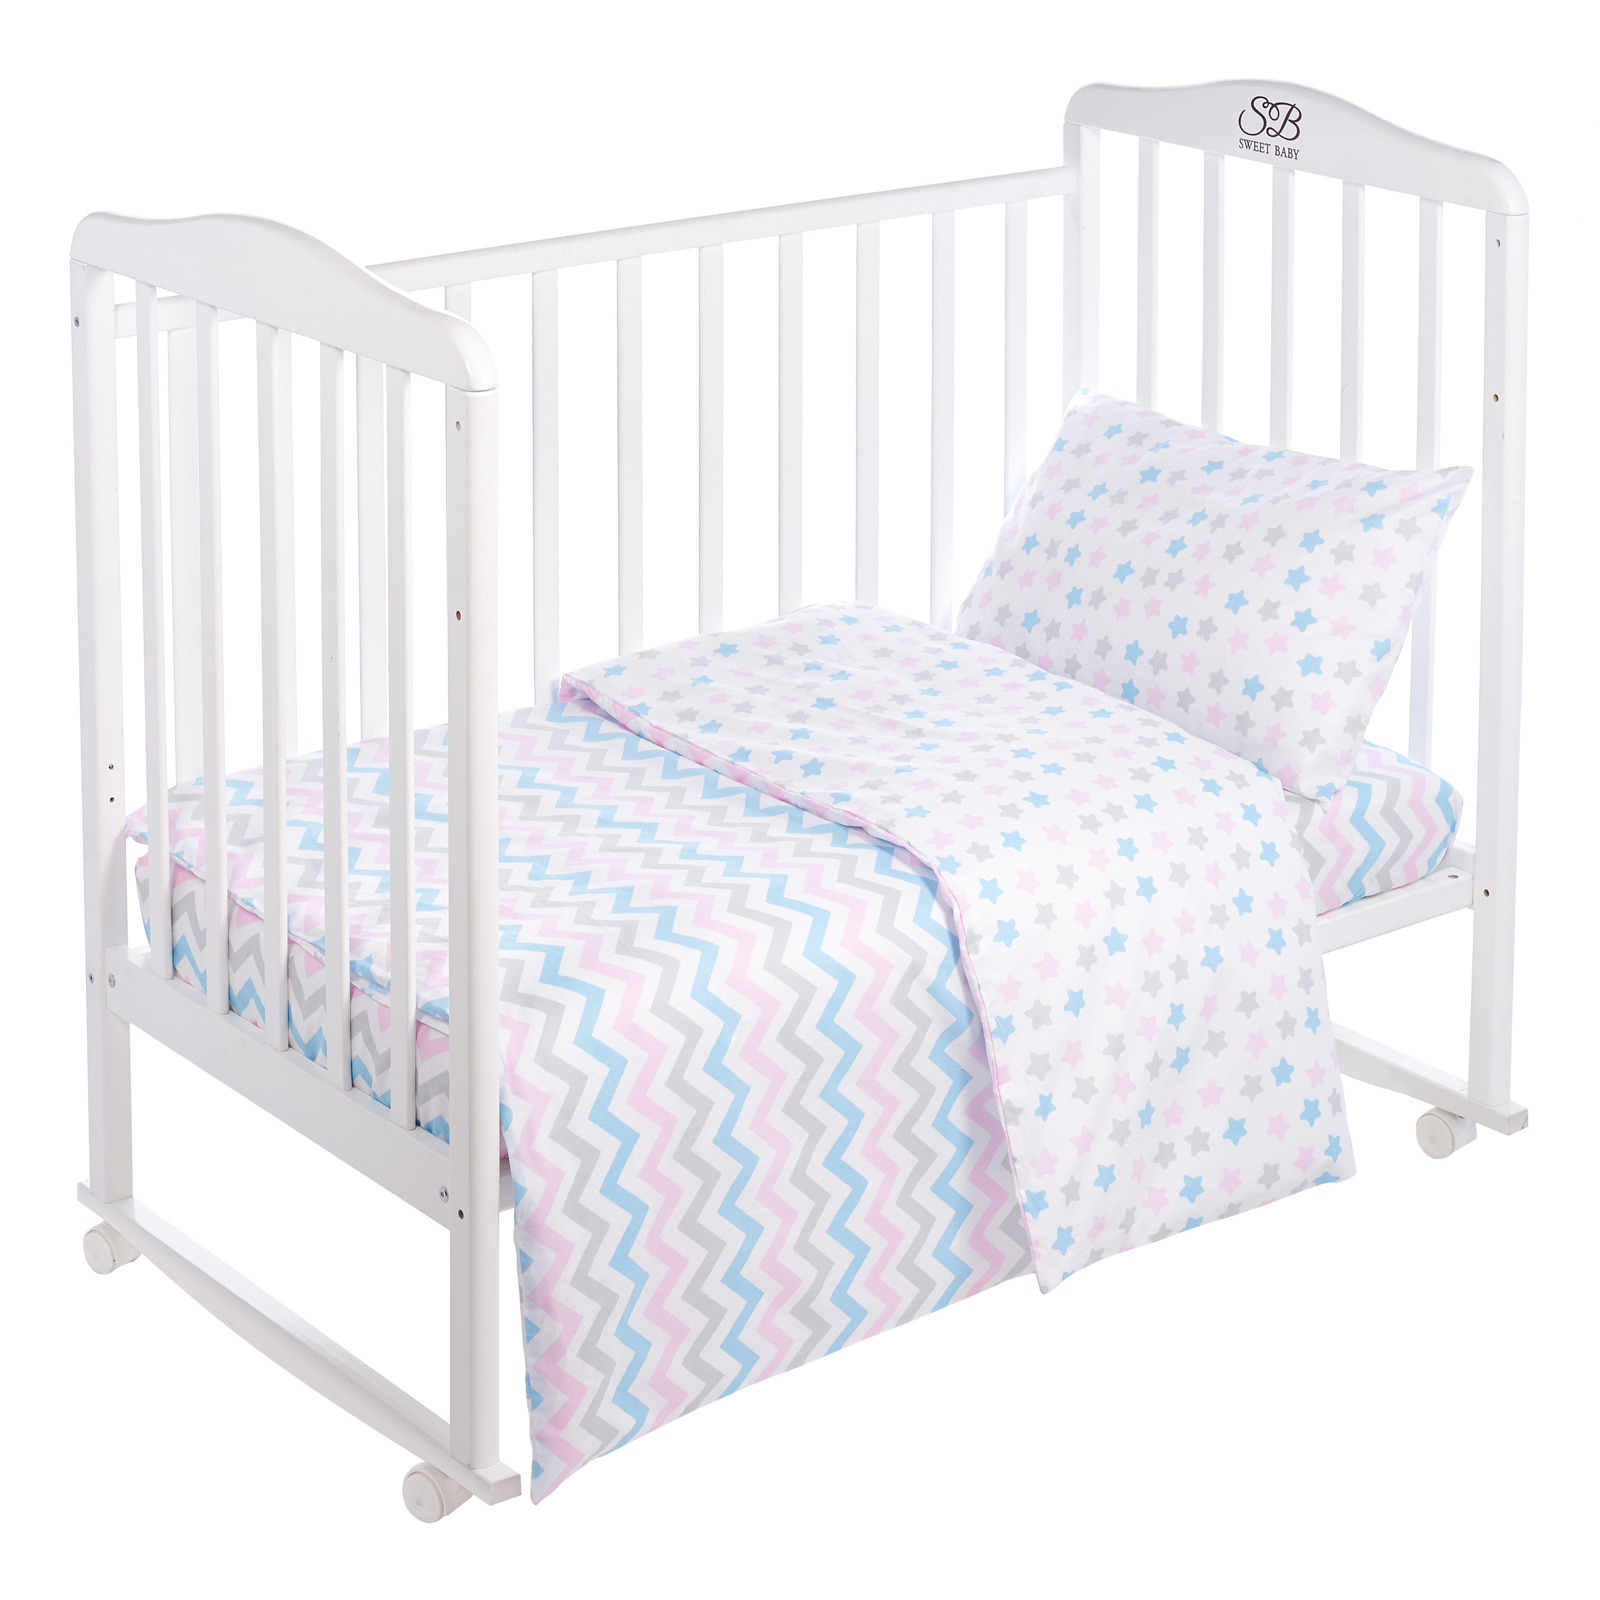 Комплект постельного белья Sweet Baby Colori, 419068, белый, 3 предмета